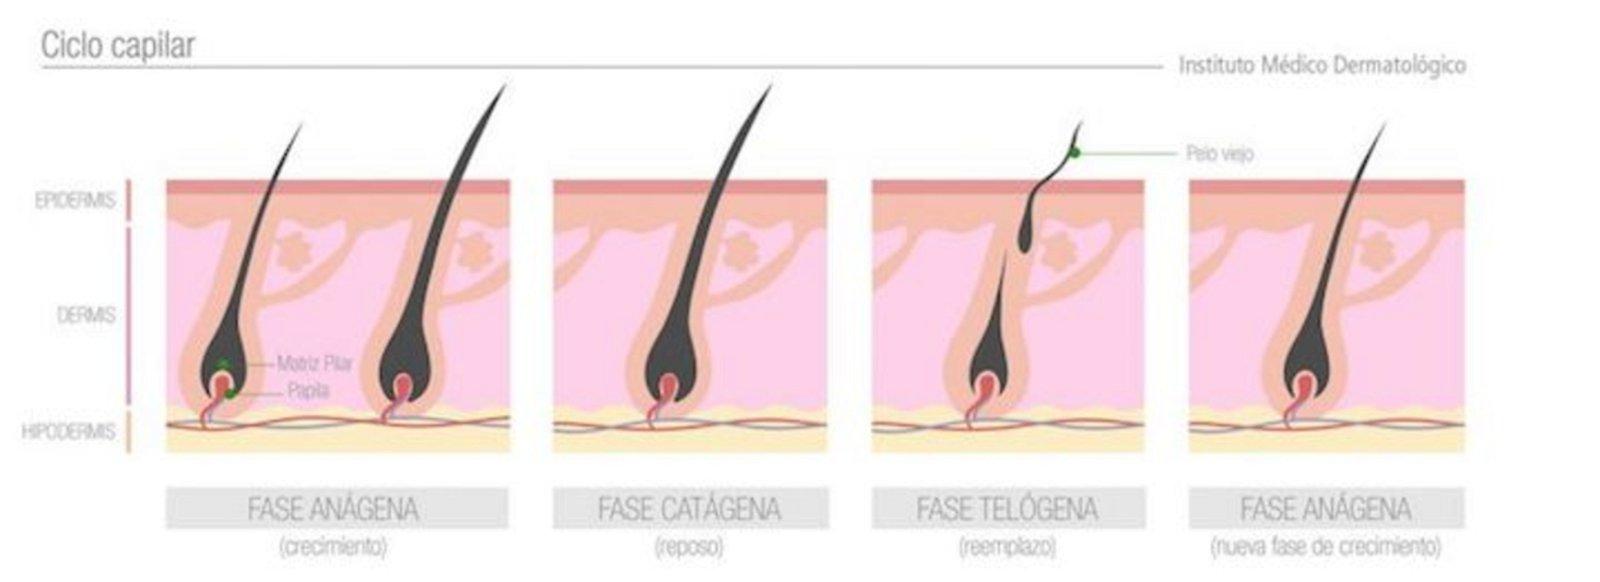 ¿Por qué crece más el pelo de la cabeza que el del resto del cuerpo?